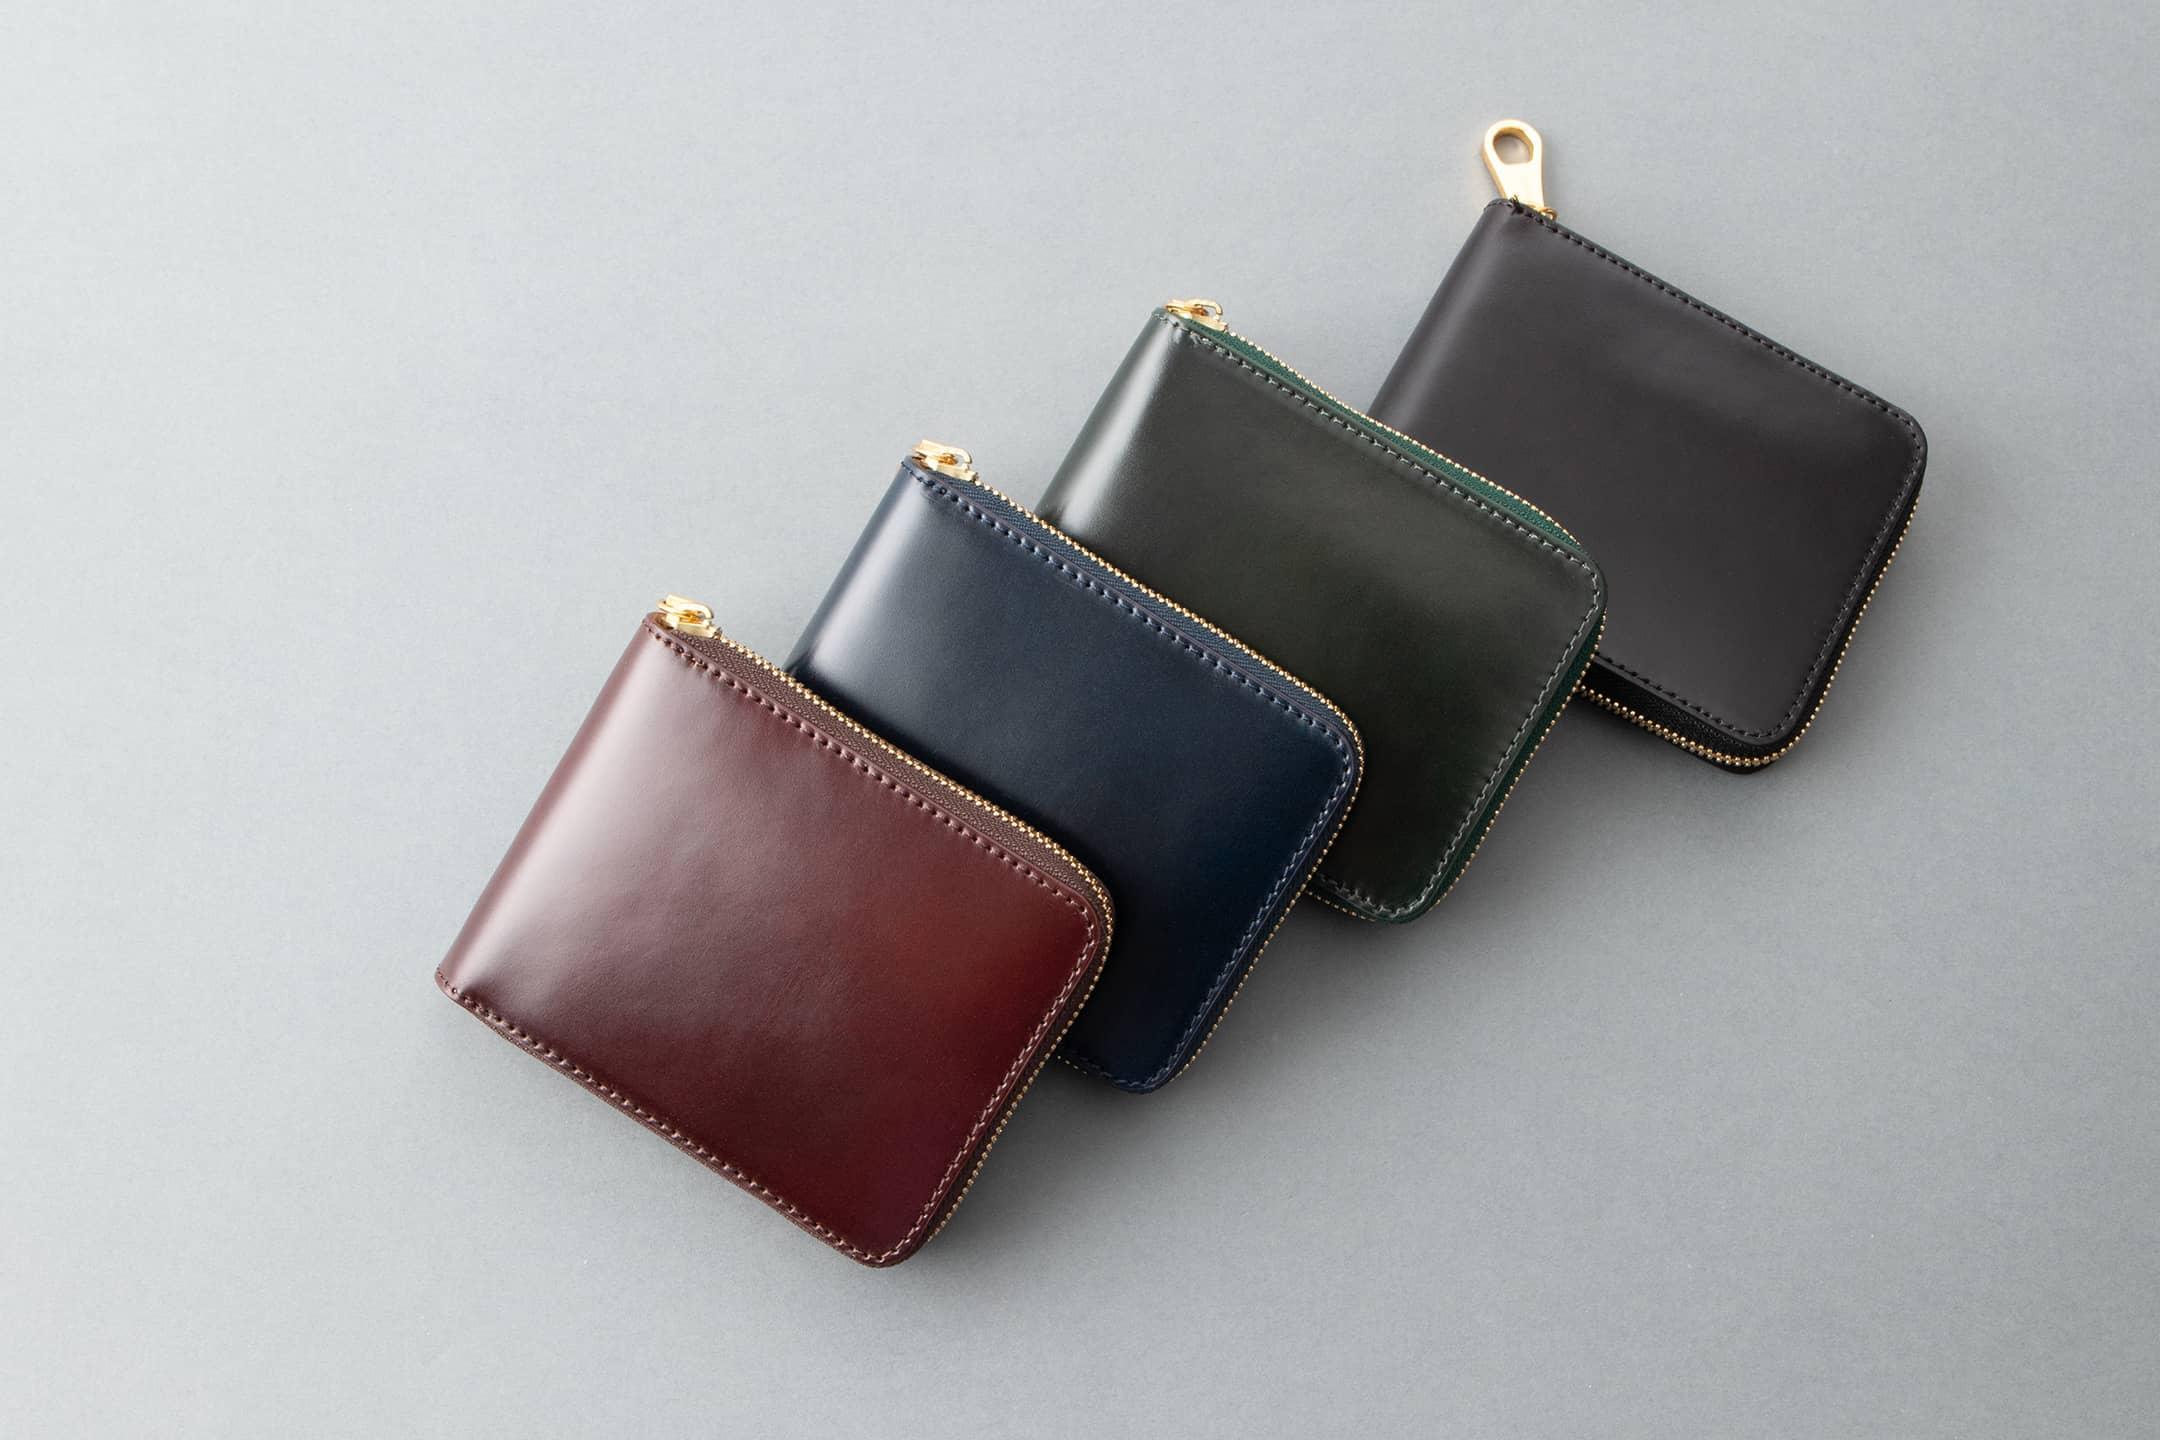 アニリン染めコードバン ラウンドジップ二つ折財布 by CIMABUE(チマブエ)